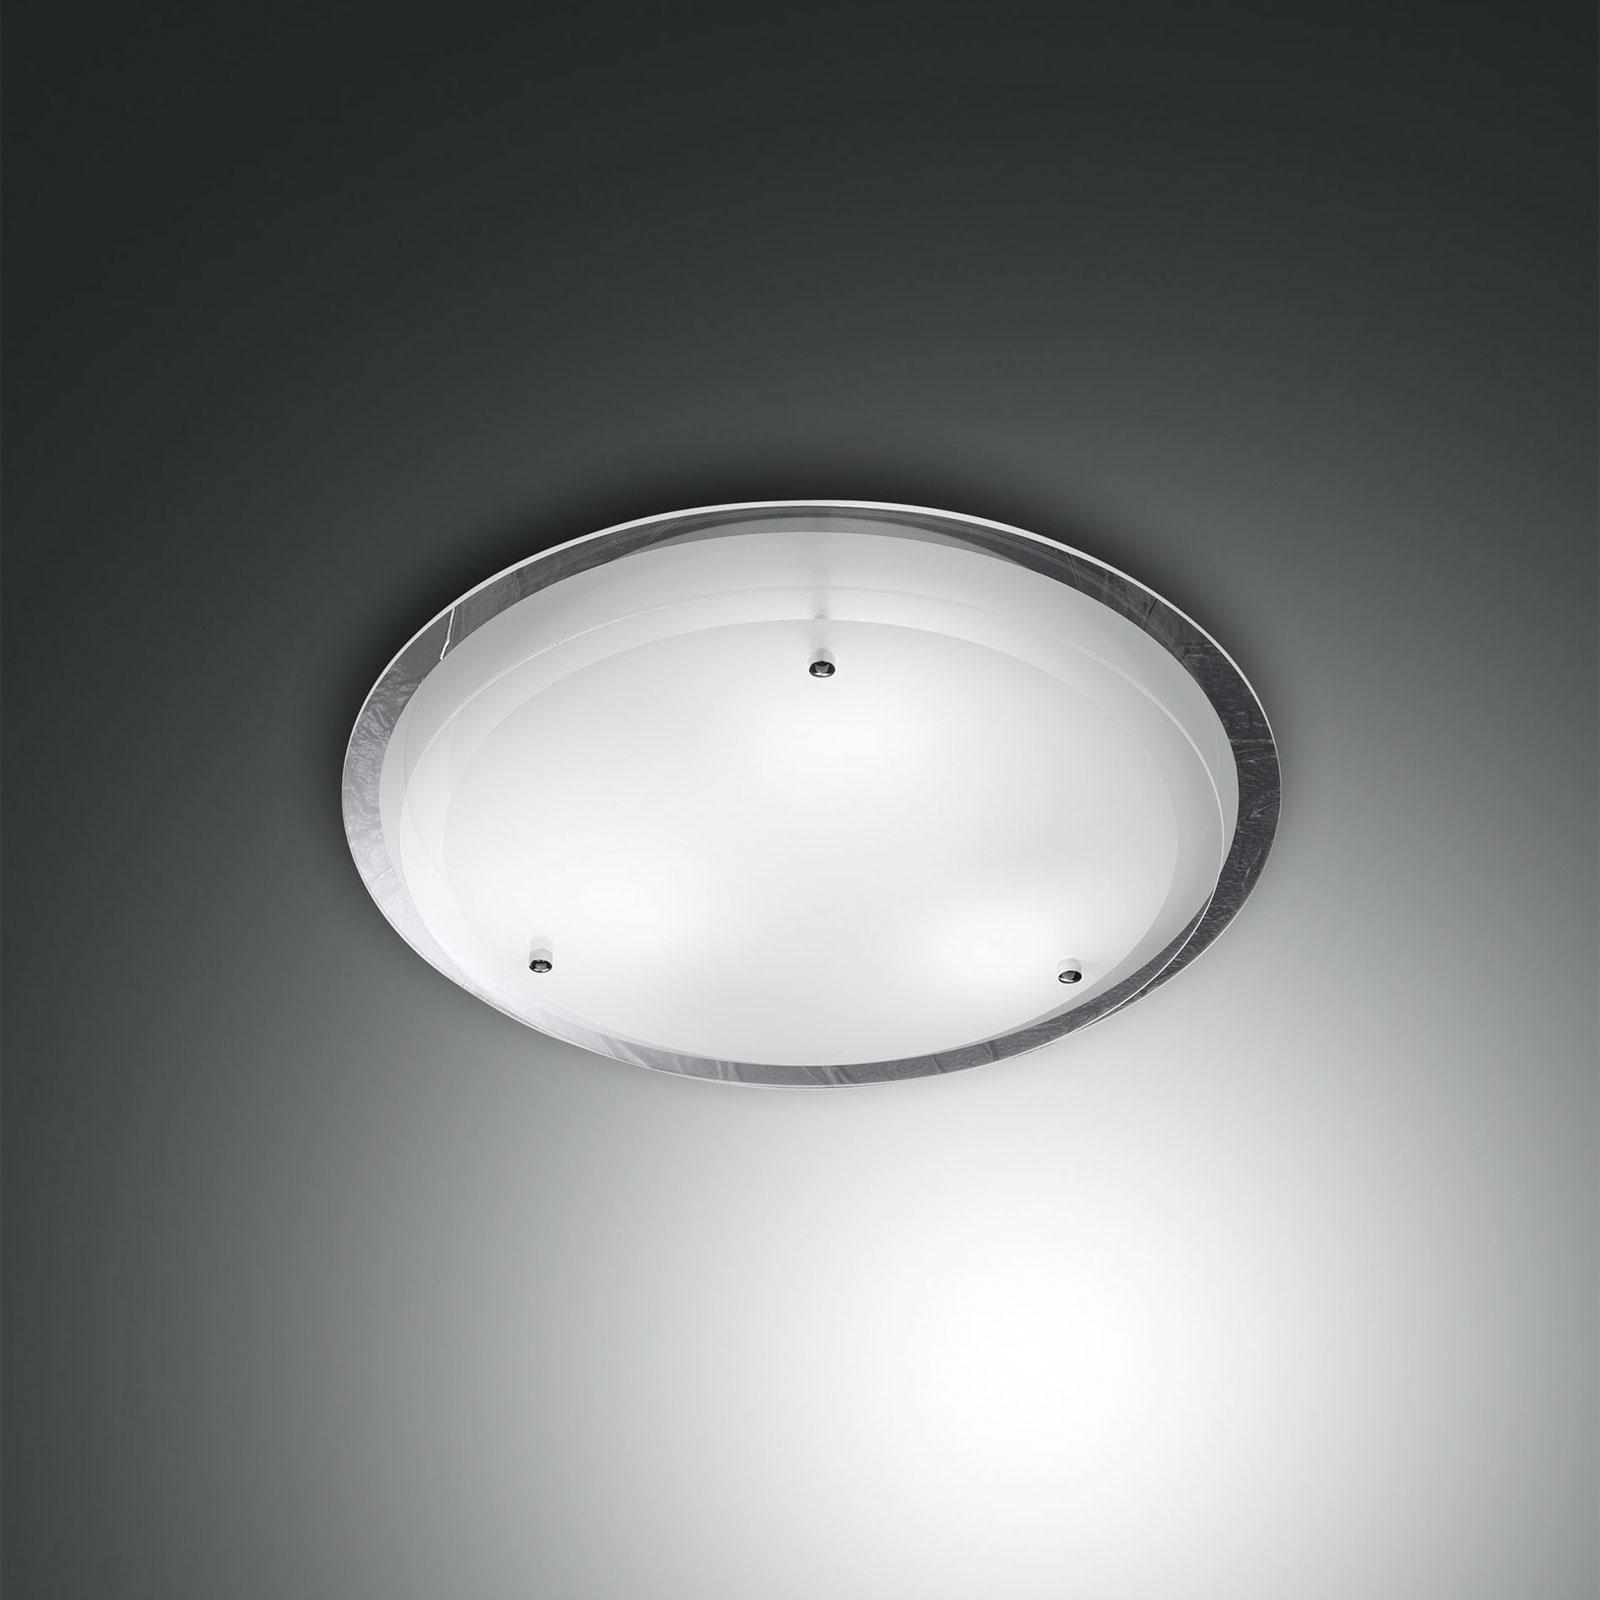 Intemporal lámpara de techo Hill con vidrio, 33 cm